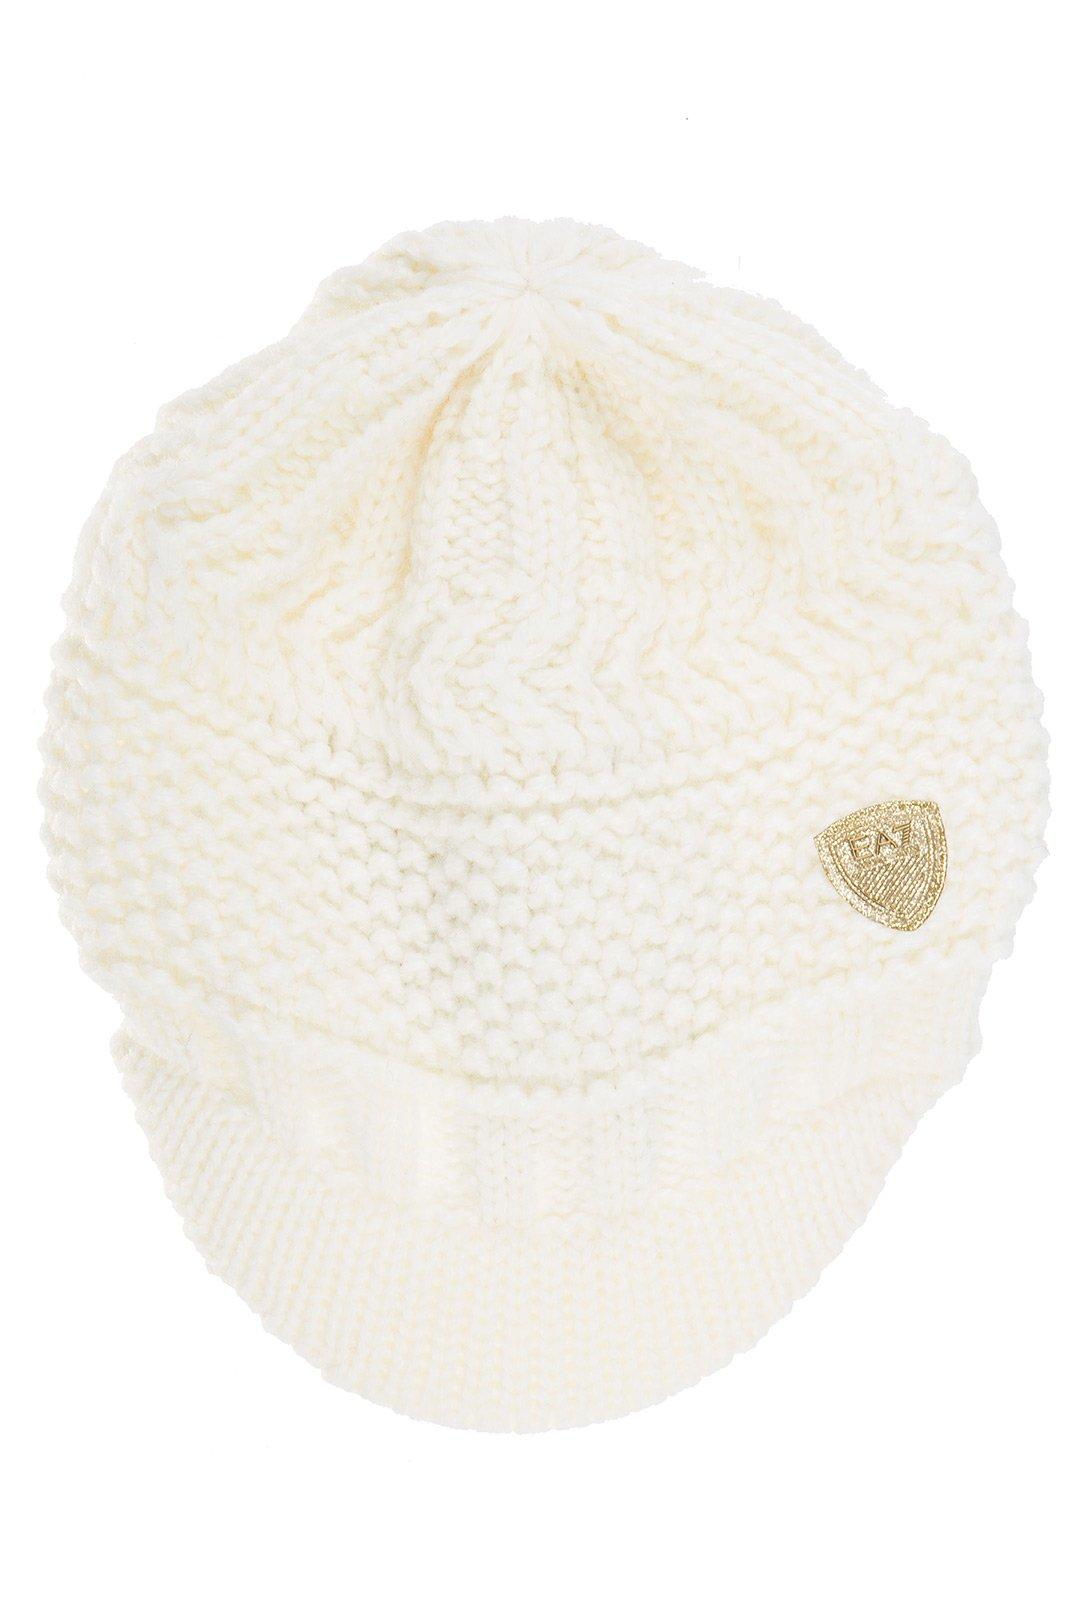 Emporio Armani EA7 women's beanie hat mount urban white US size S 285399 6A734 00011 by Emporio Armani